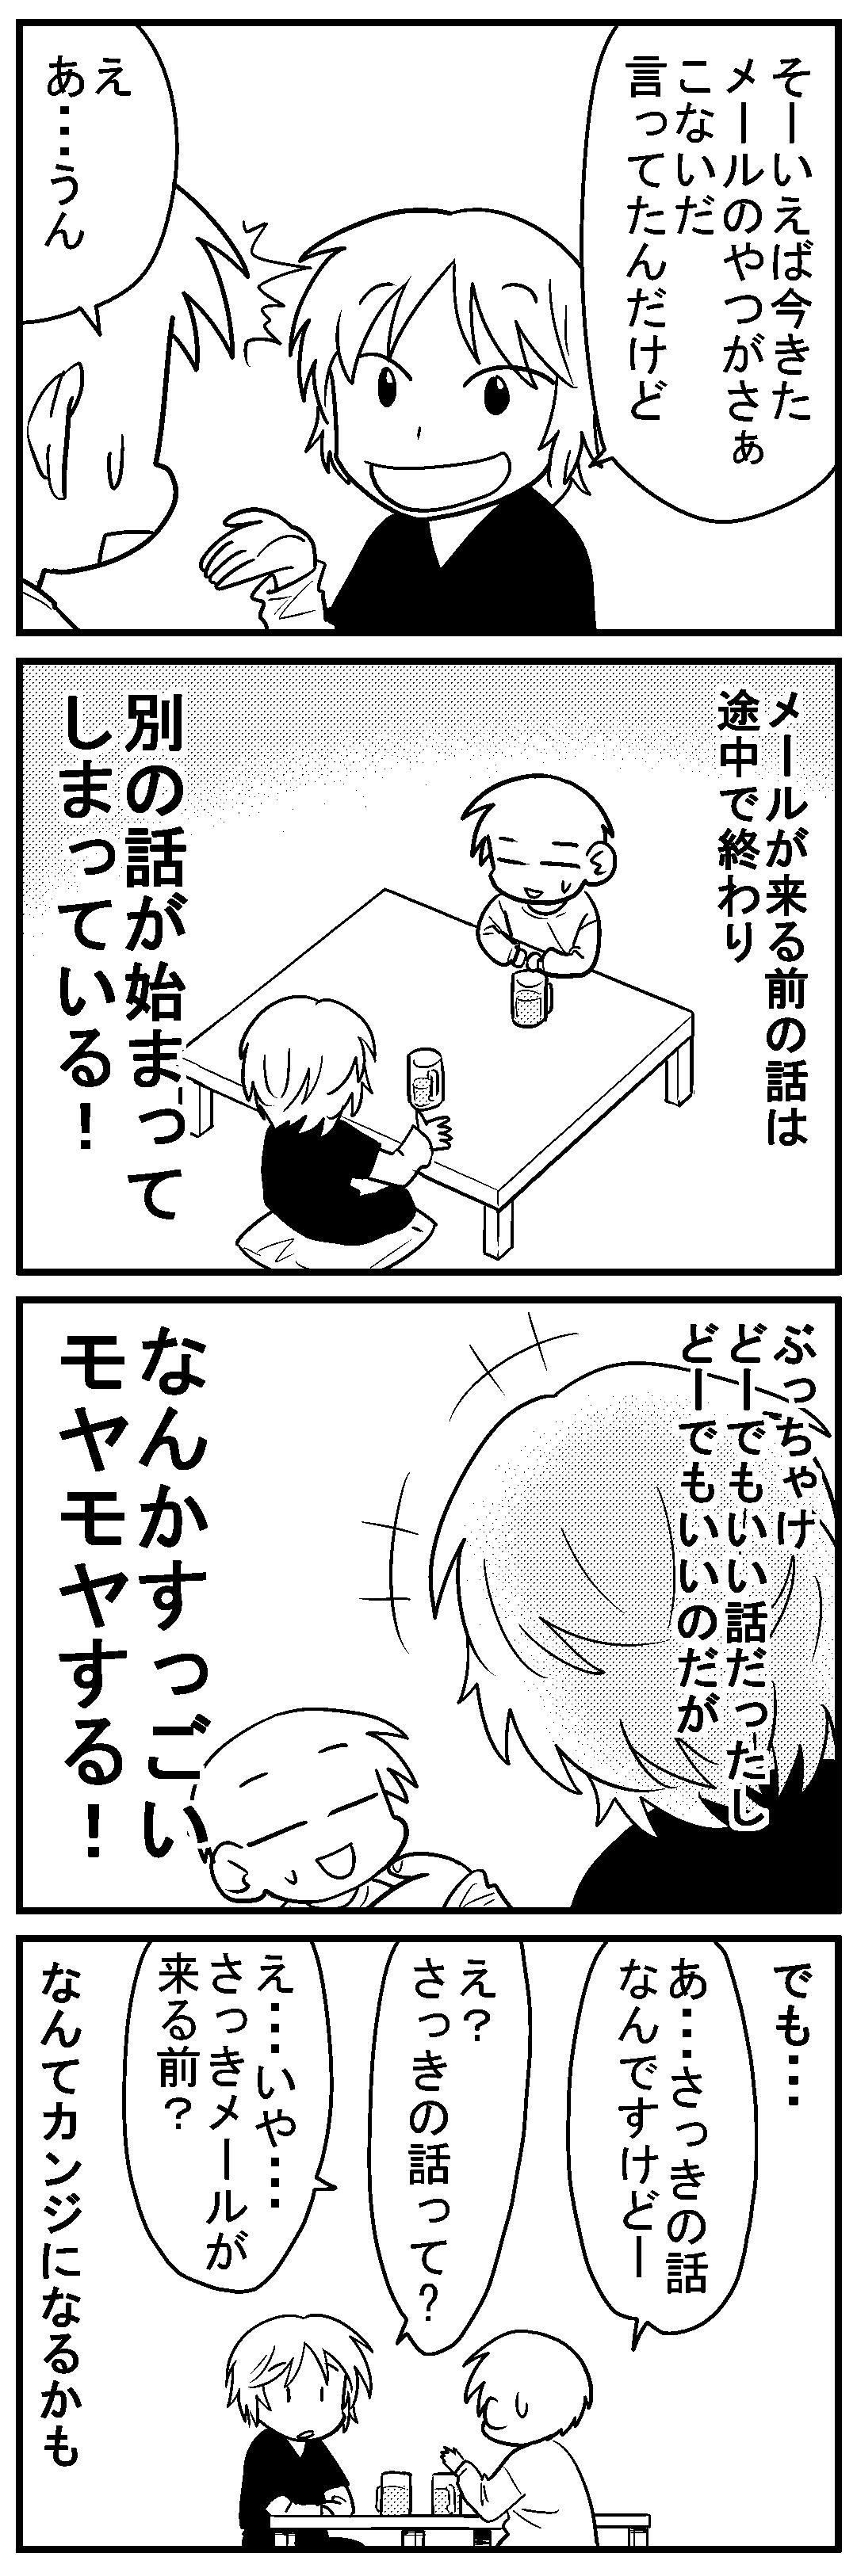 深読みくん37-3